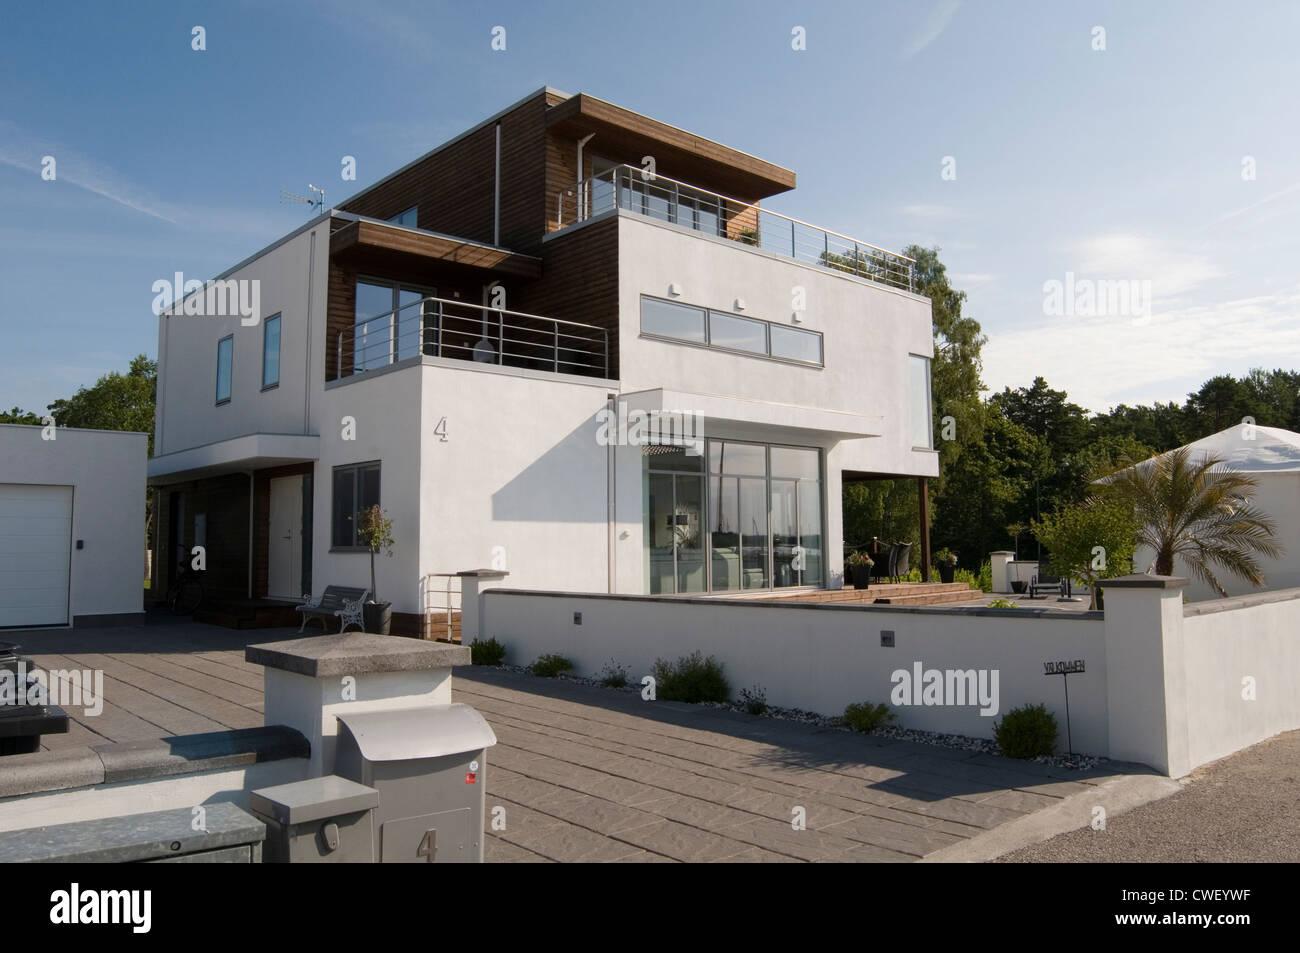 Modernes Schwedenhaus Hauser Haus Hauser Minimalistisch